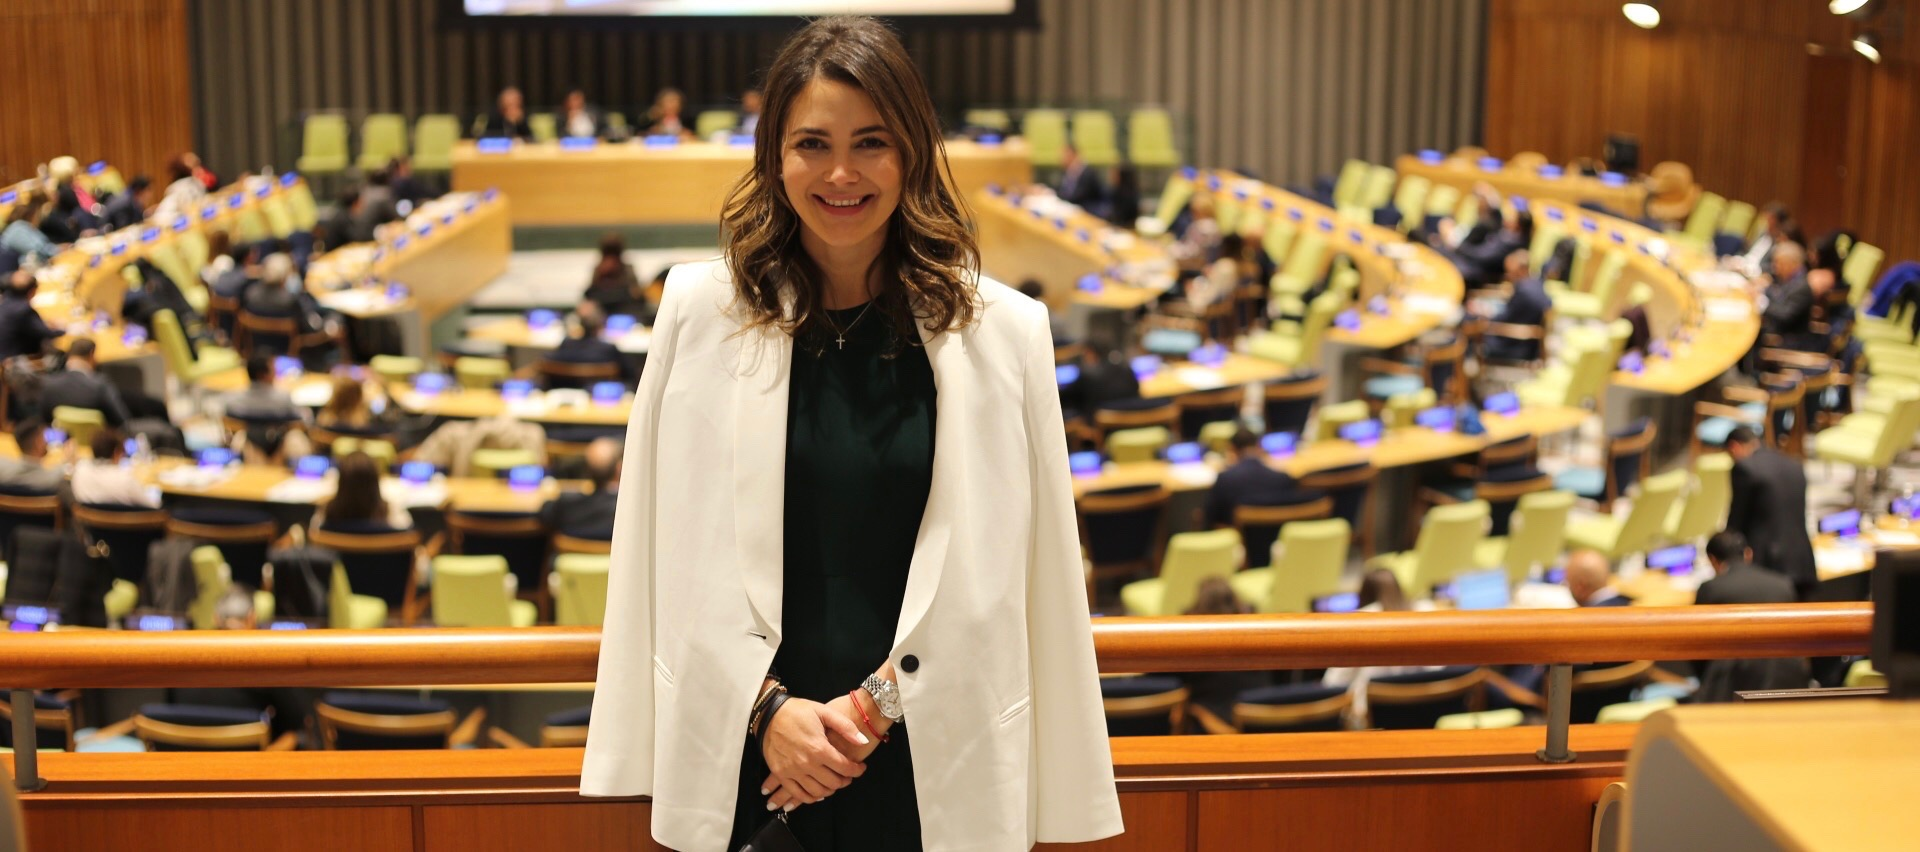 Adriana Castro, diseñadora que alza su voz en la ONU